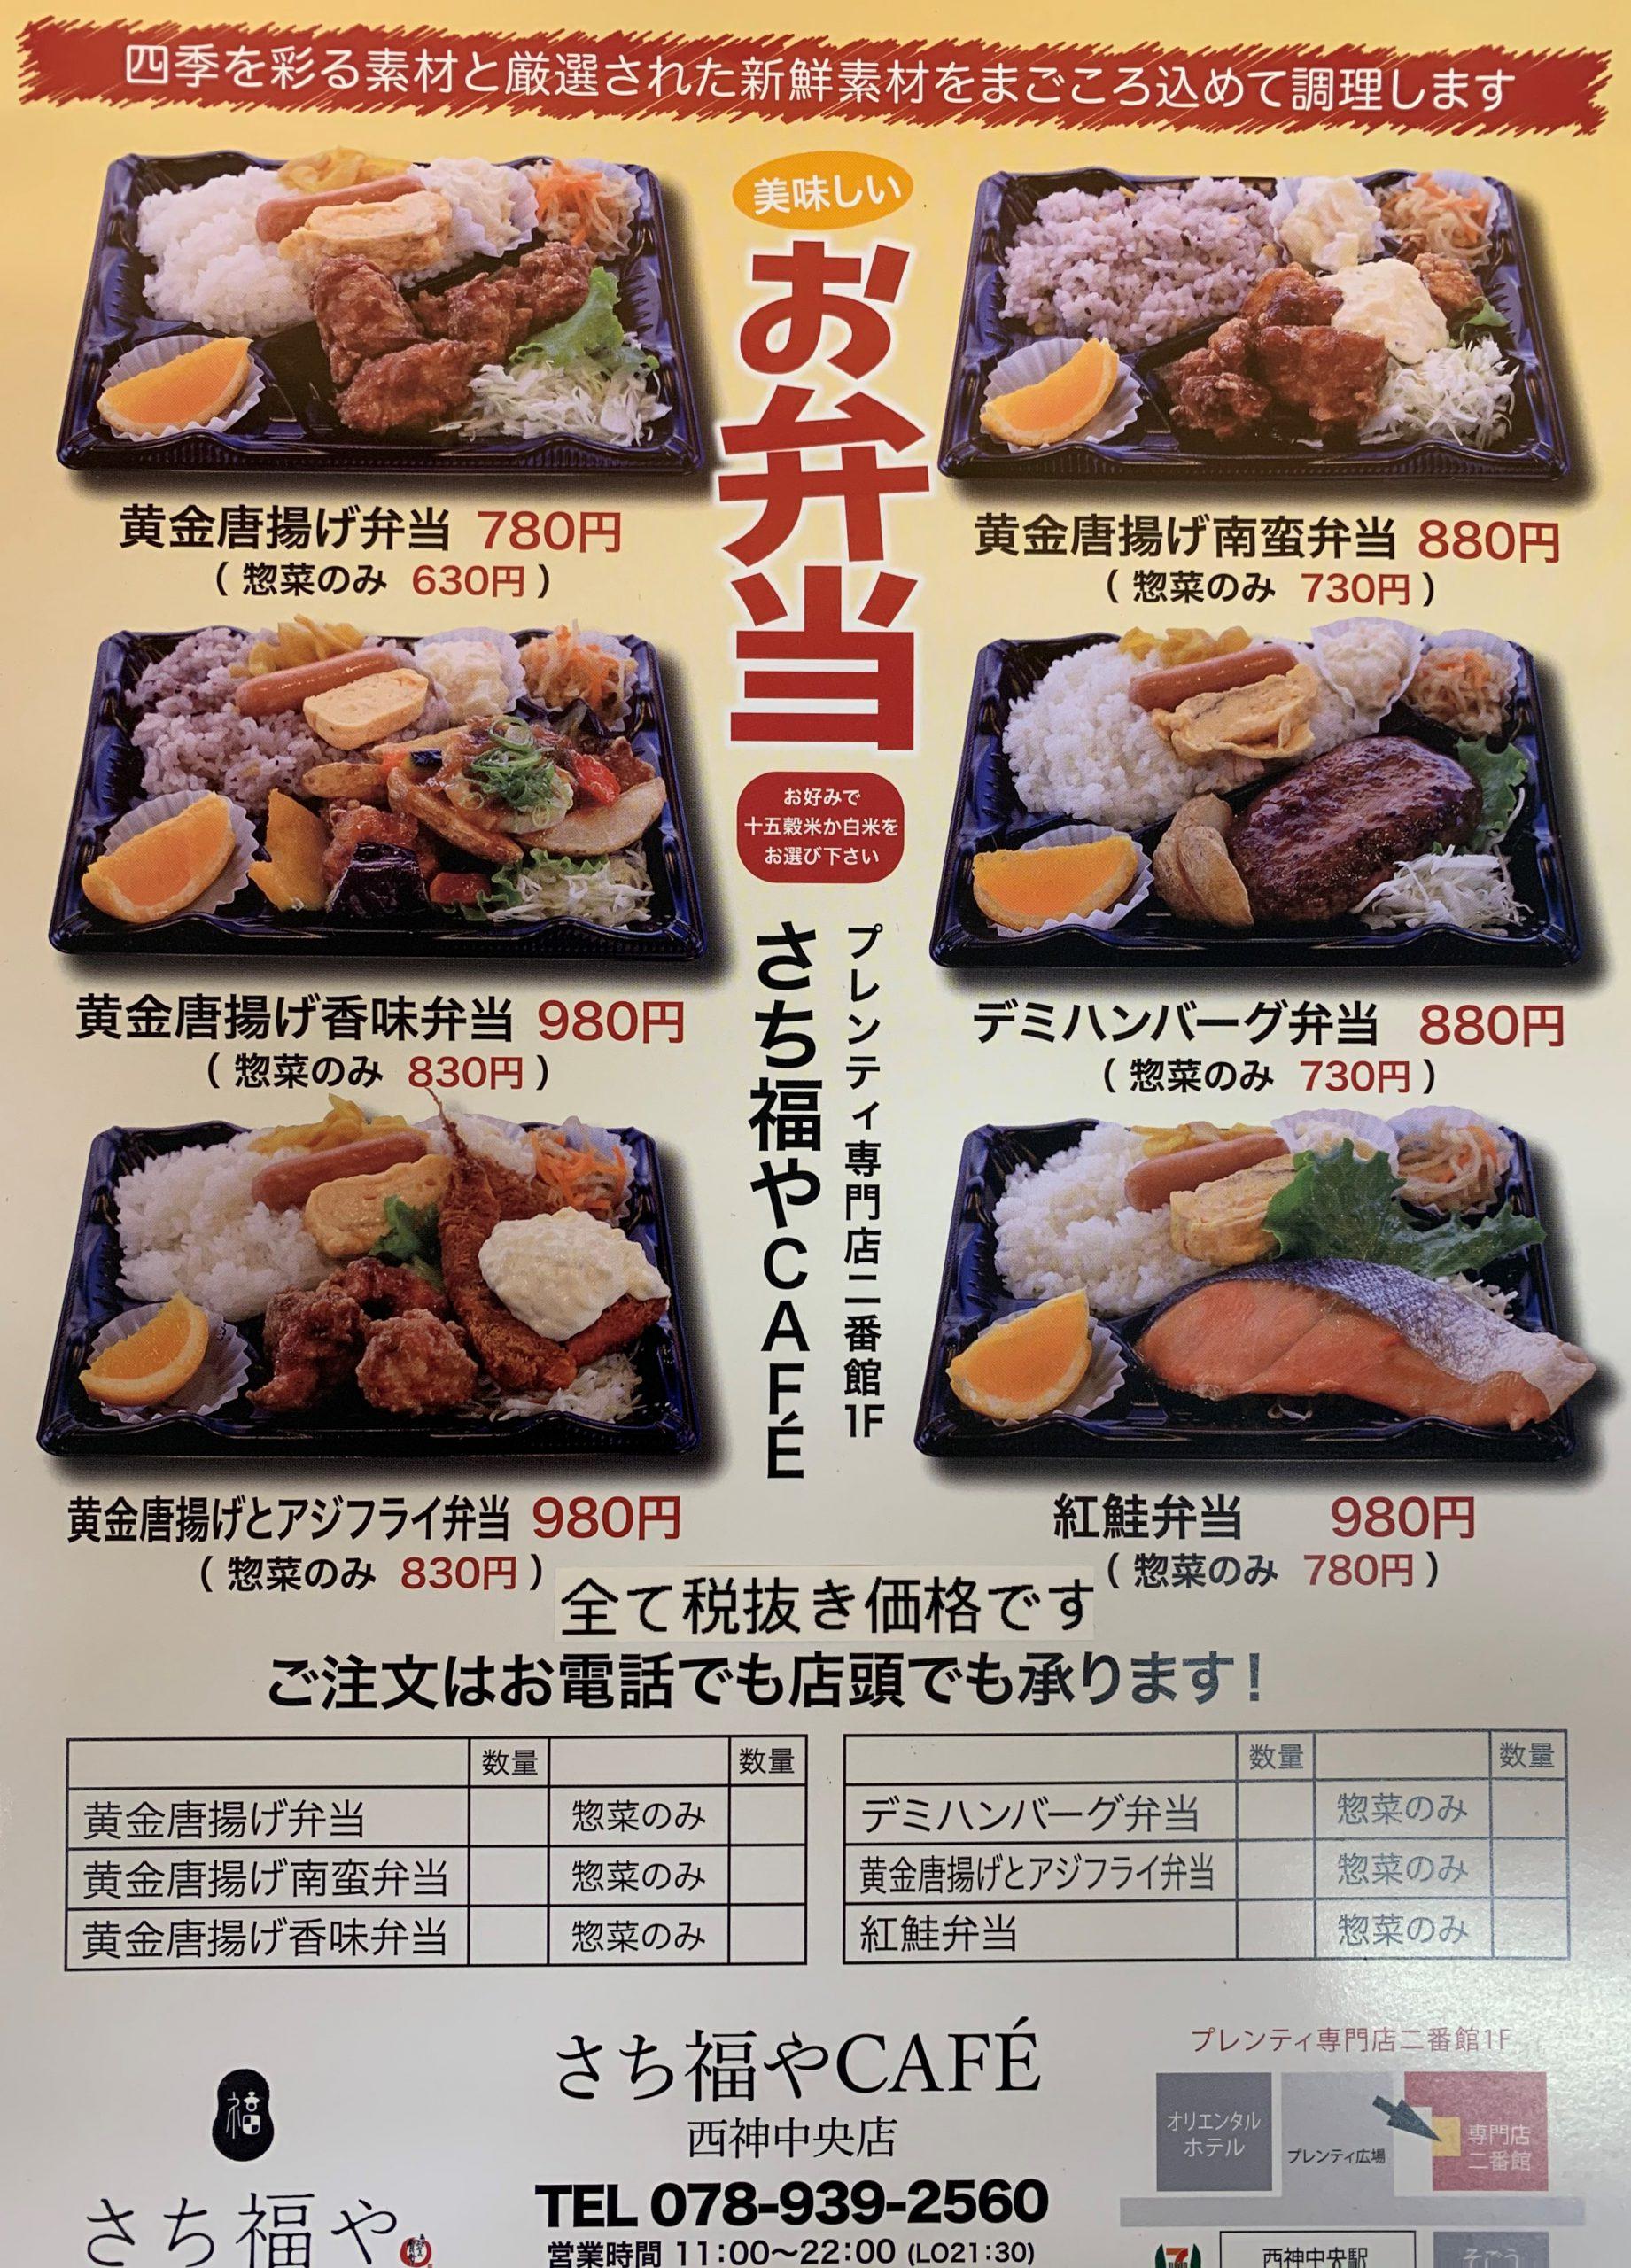 特製弁当 テイクアウトメニュー600円(税込)~販売中!